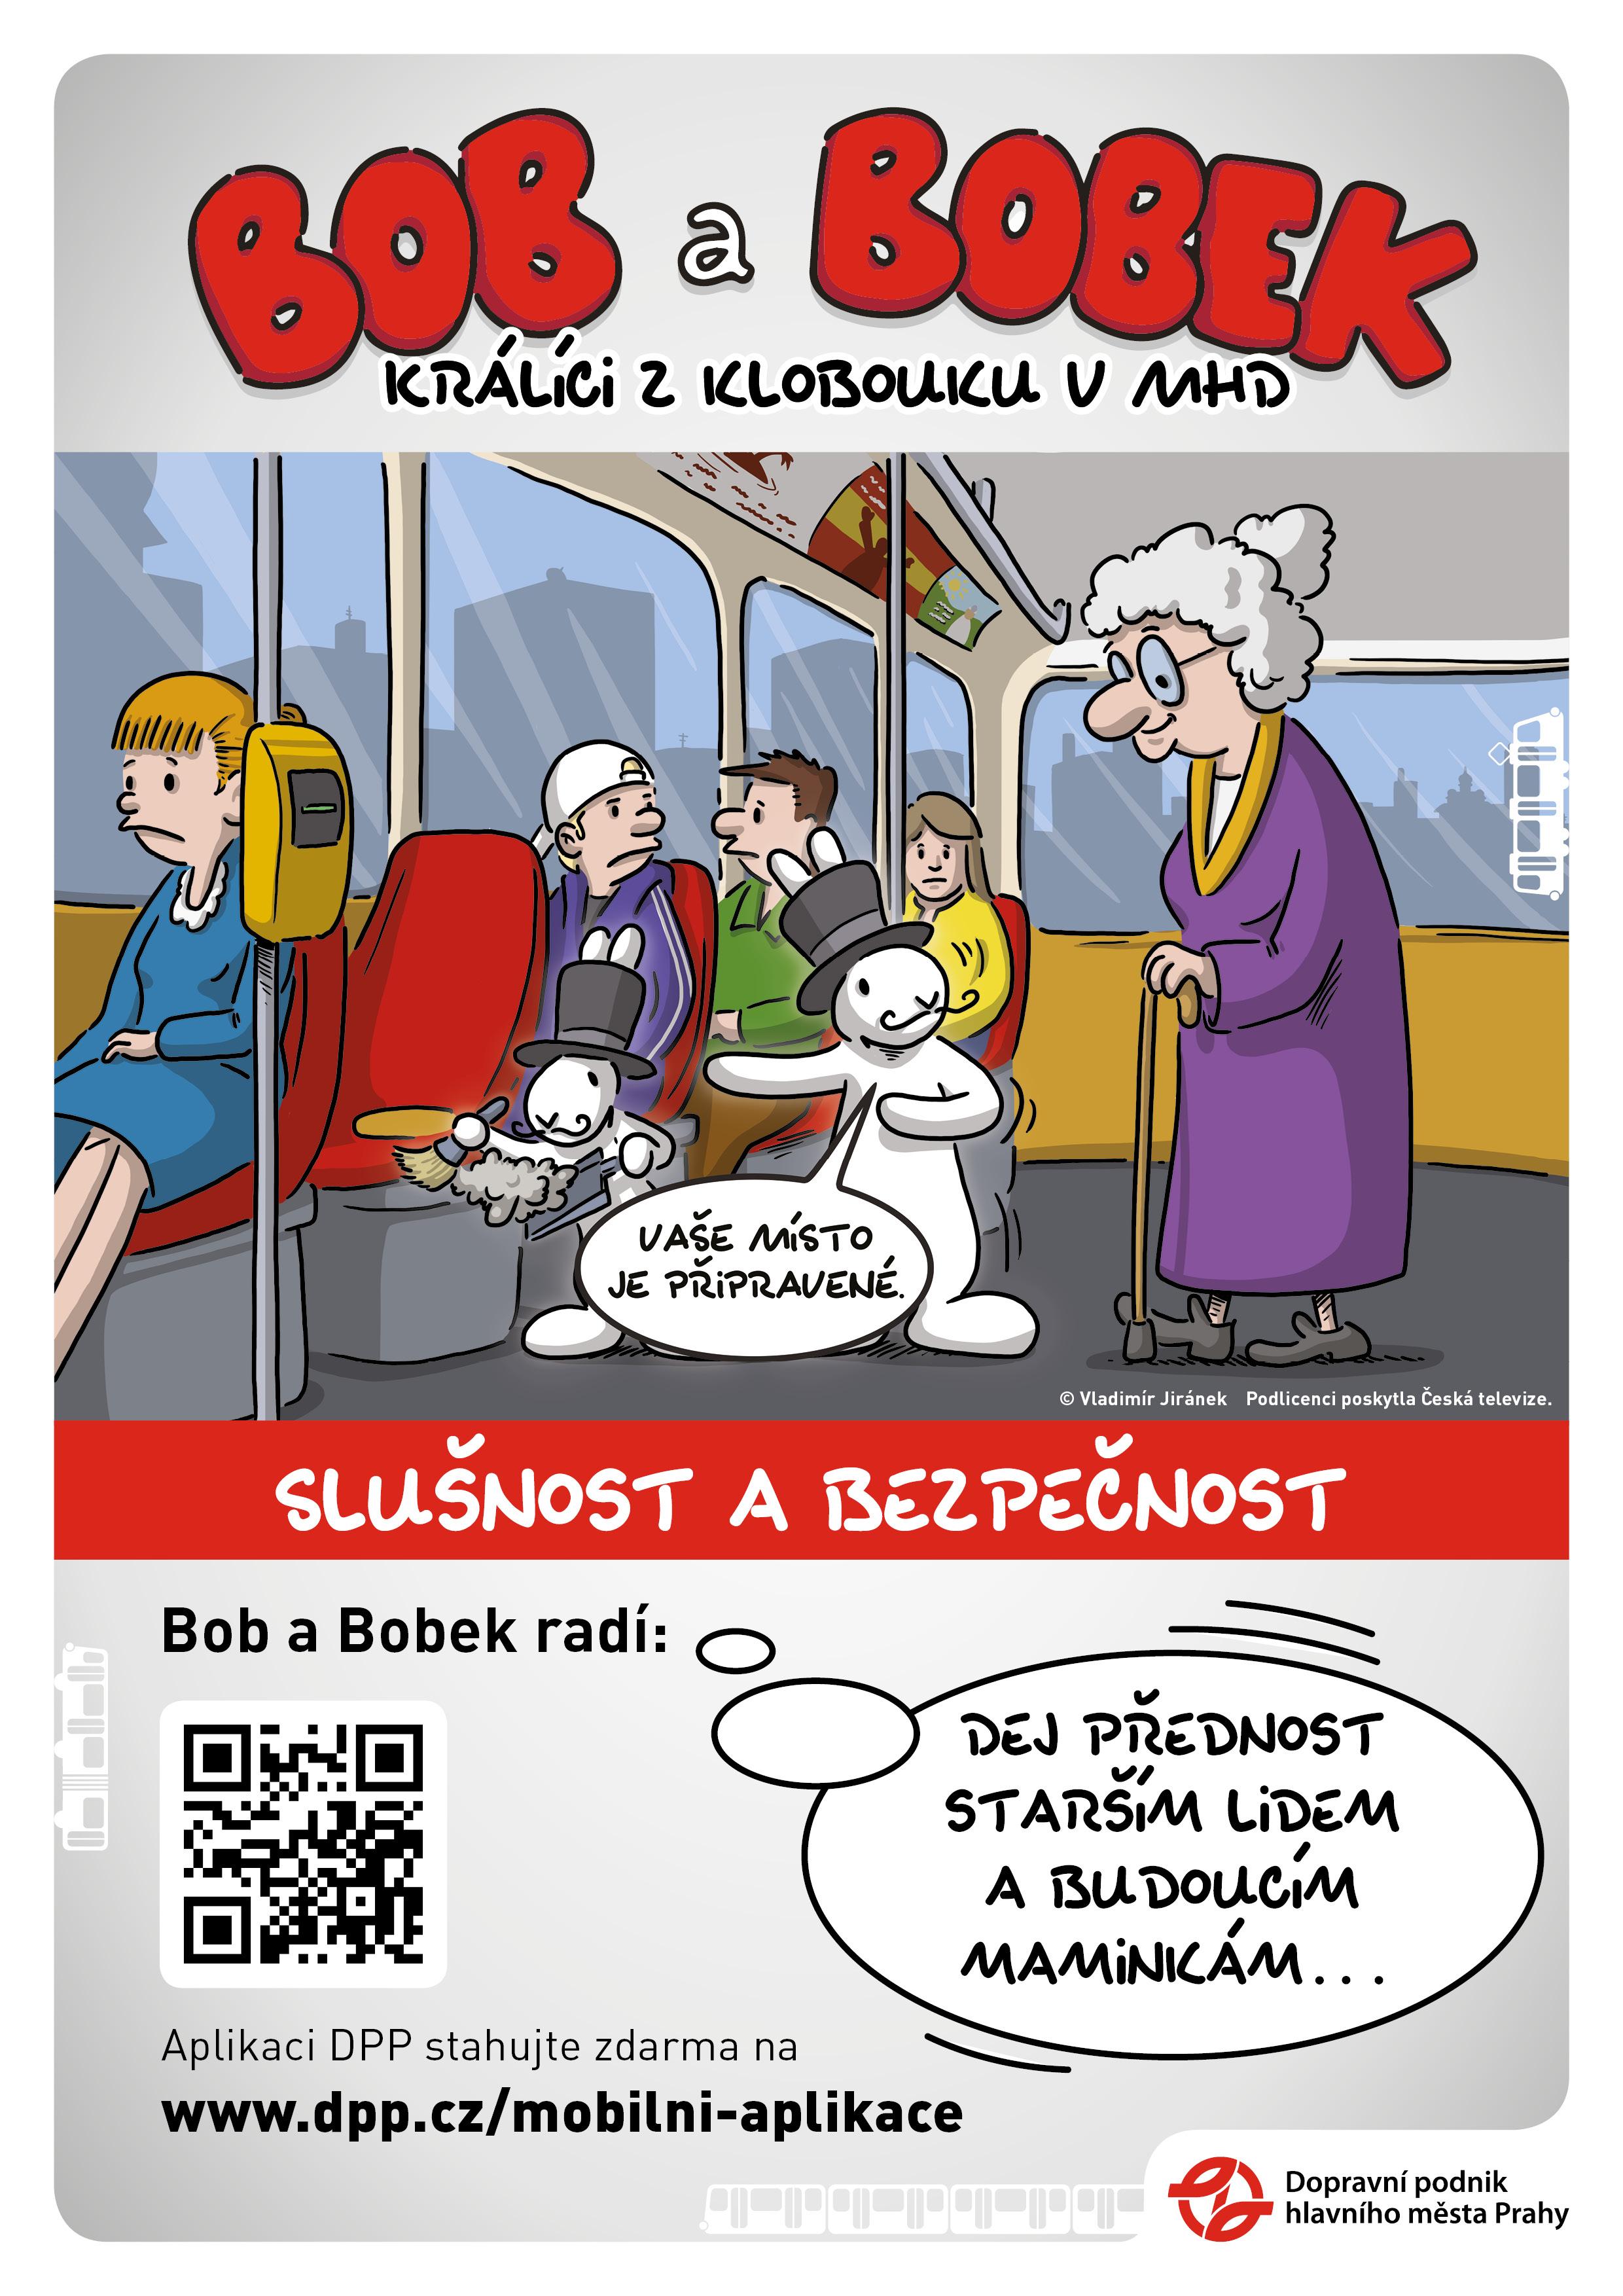 Dopravní podnik Praha: Slušnost a bezpečnost